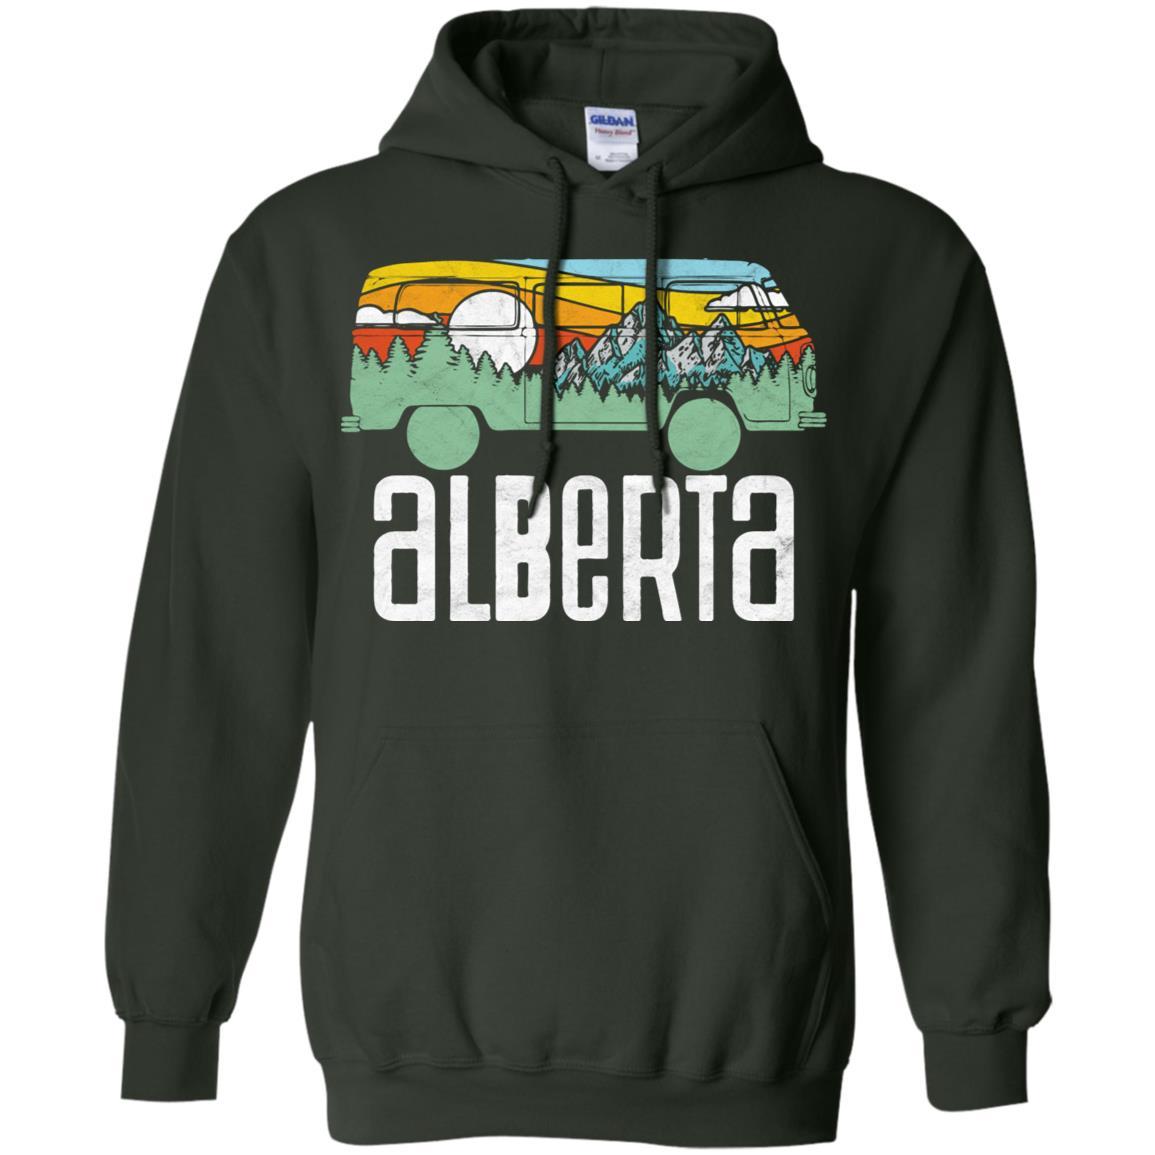 Retro Alberta Canada Outdoor Hippie Van Tee Pullover Hoodie